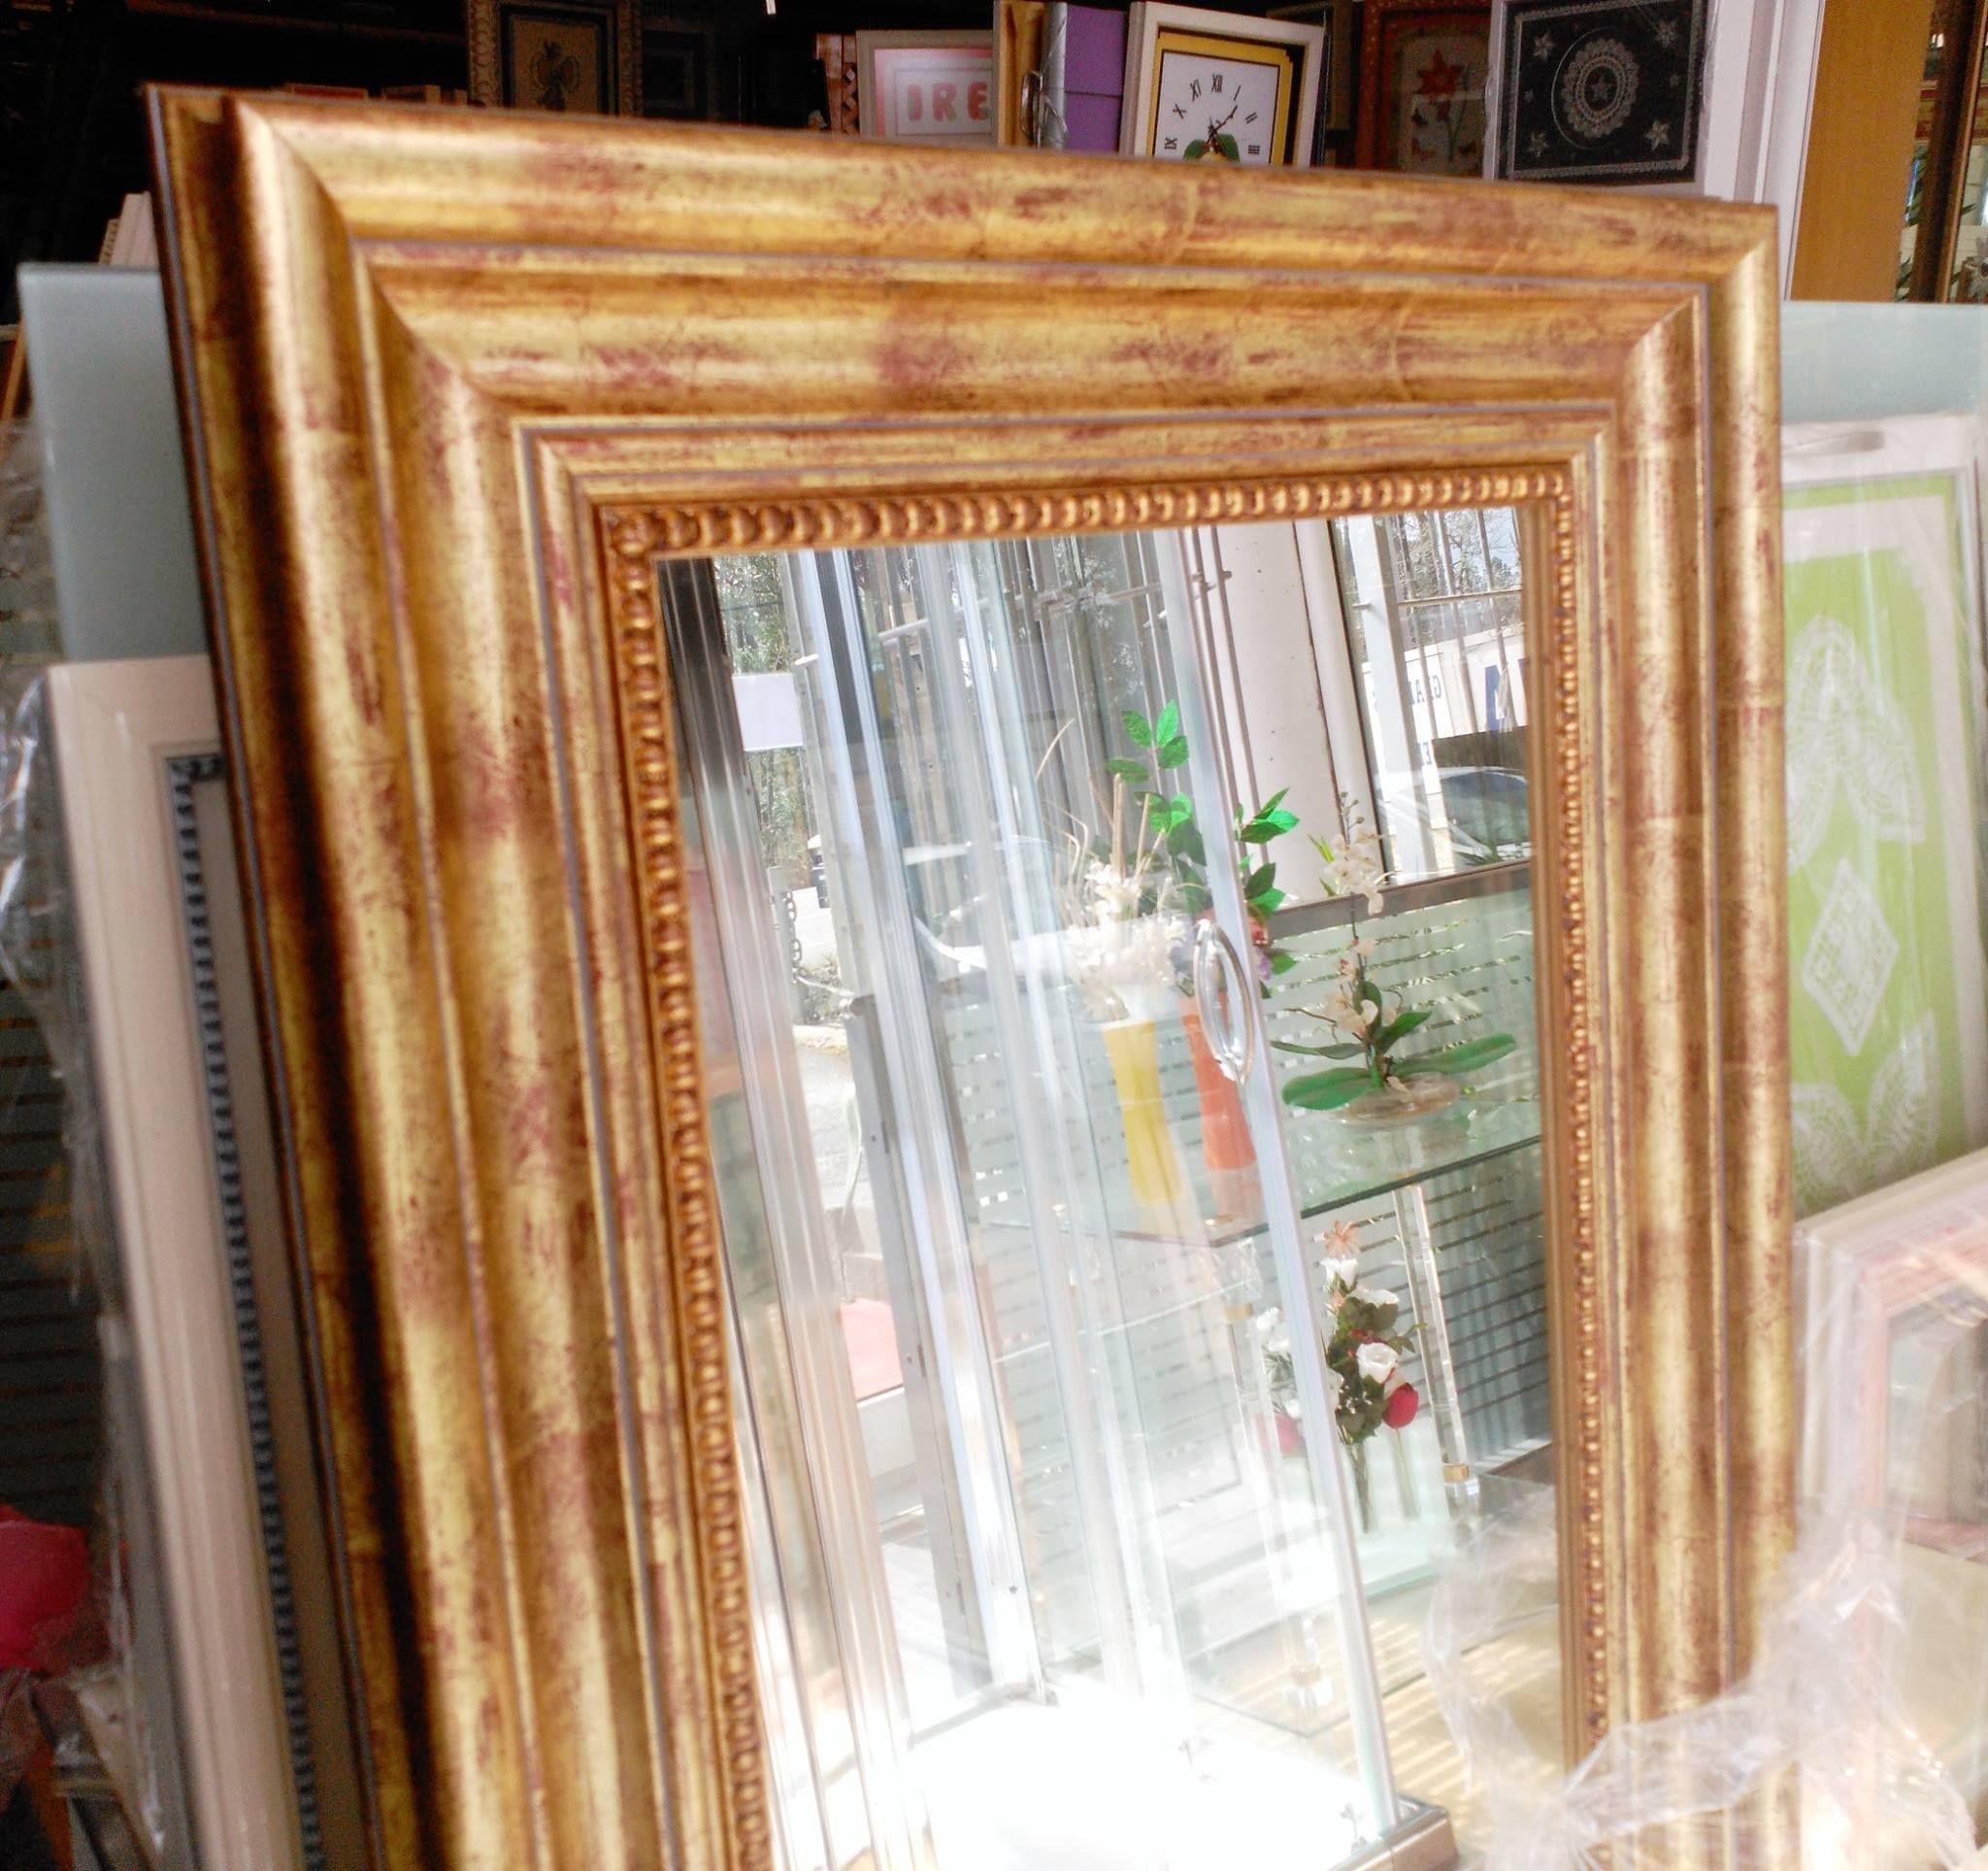 Espejo de cuerpo entero con enmarcaci n en tonos dorados for Espejos de cuerpo entero baratos